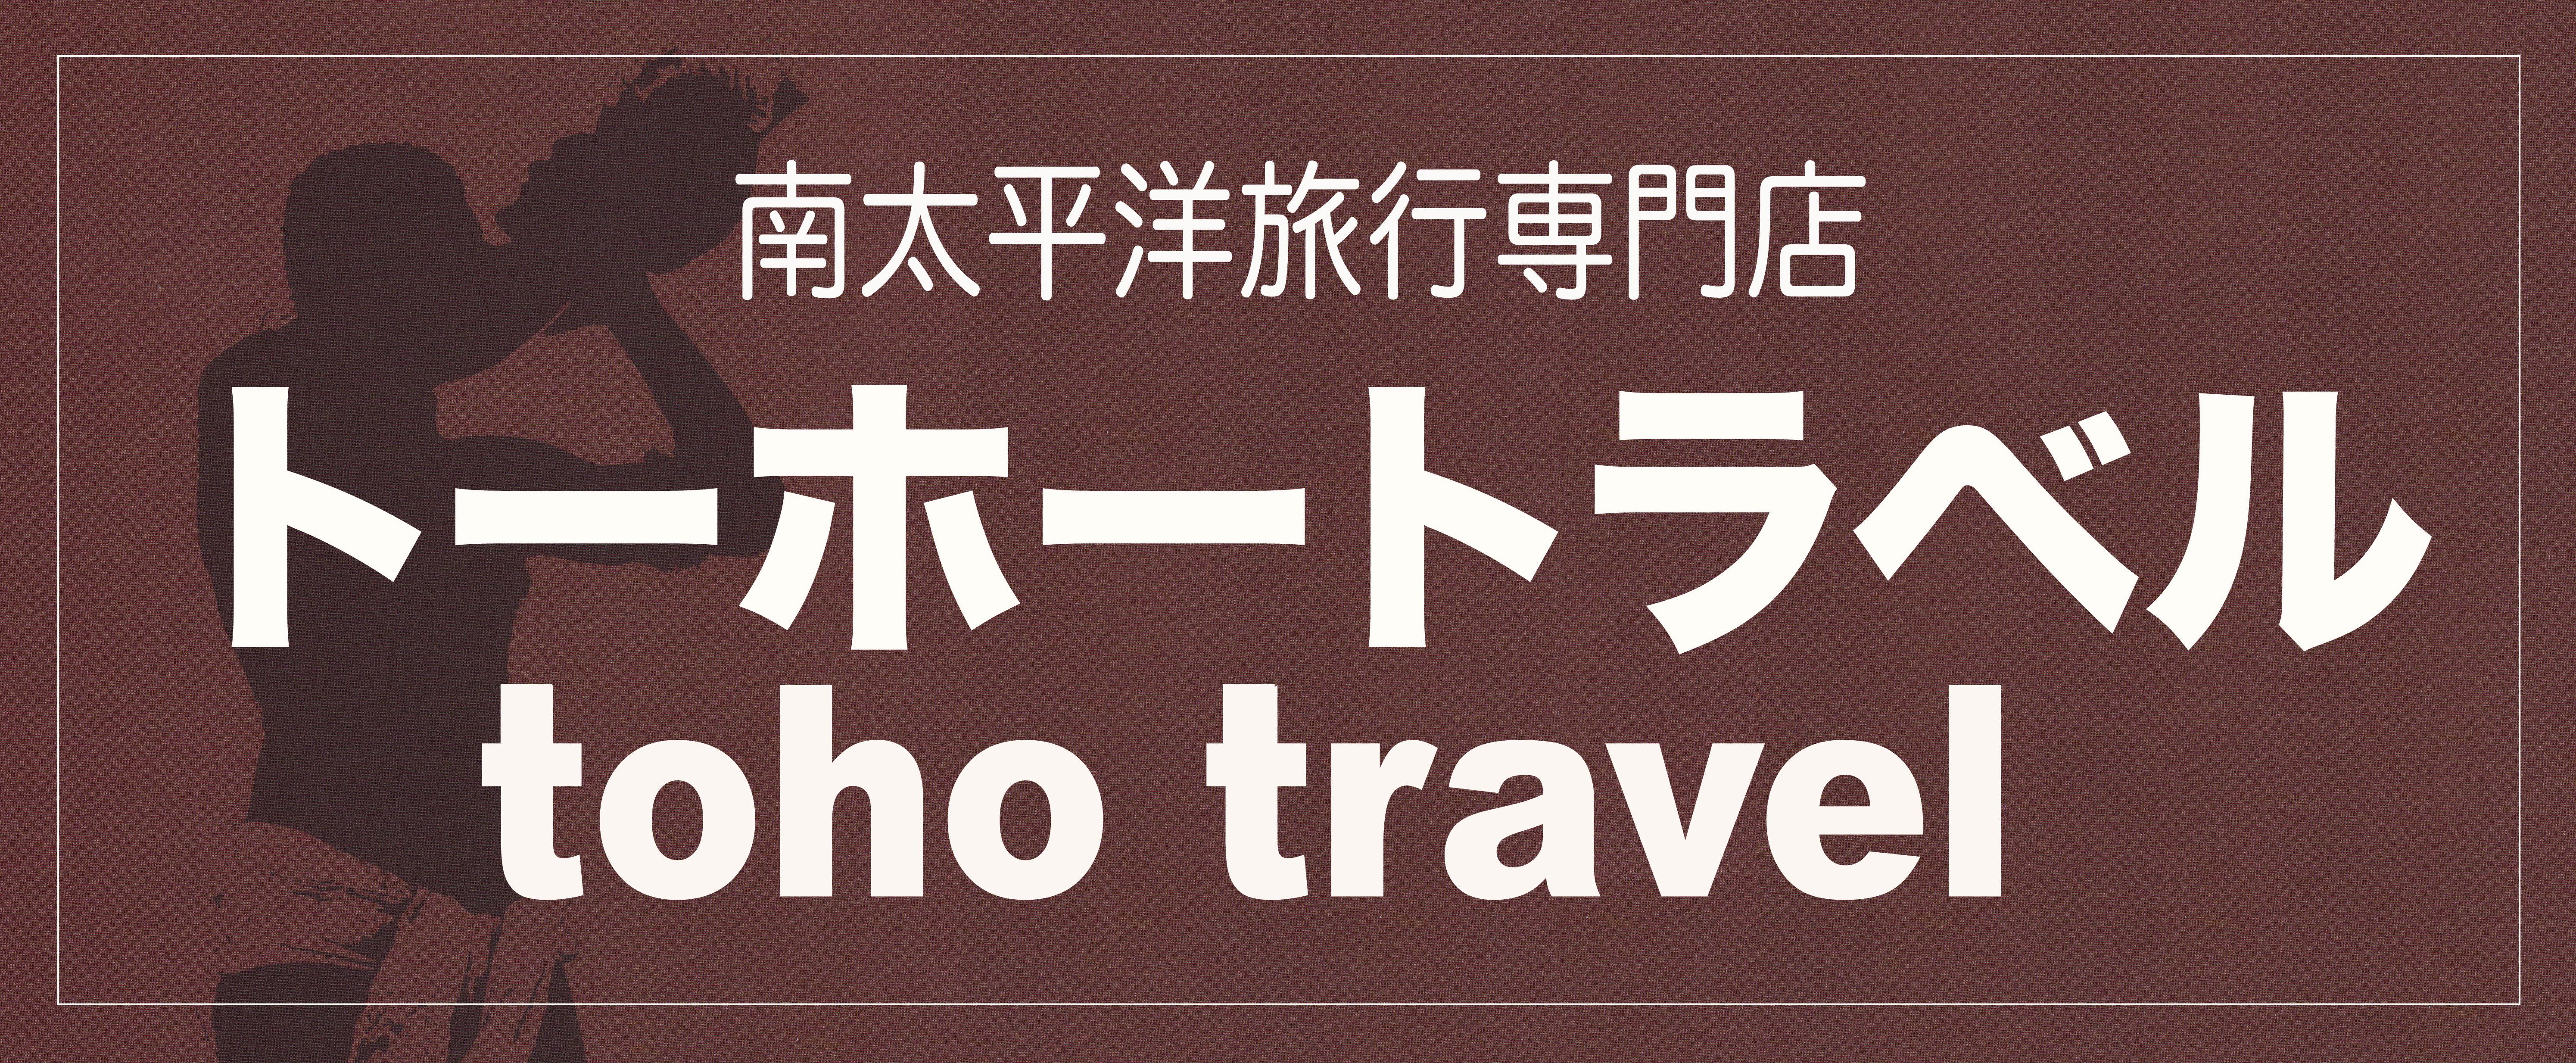 【楽園タヒチ3島巡り】人気のモーレア島とタハア島で過ごす休日